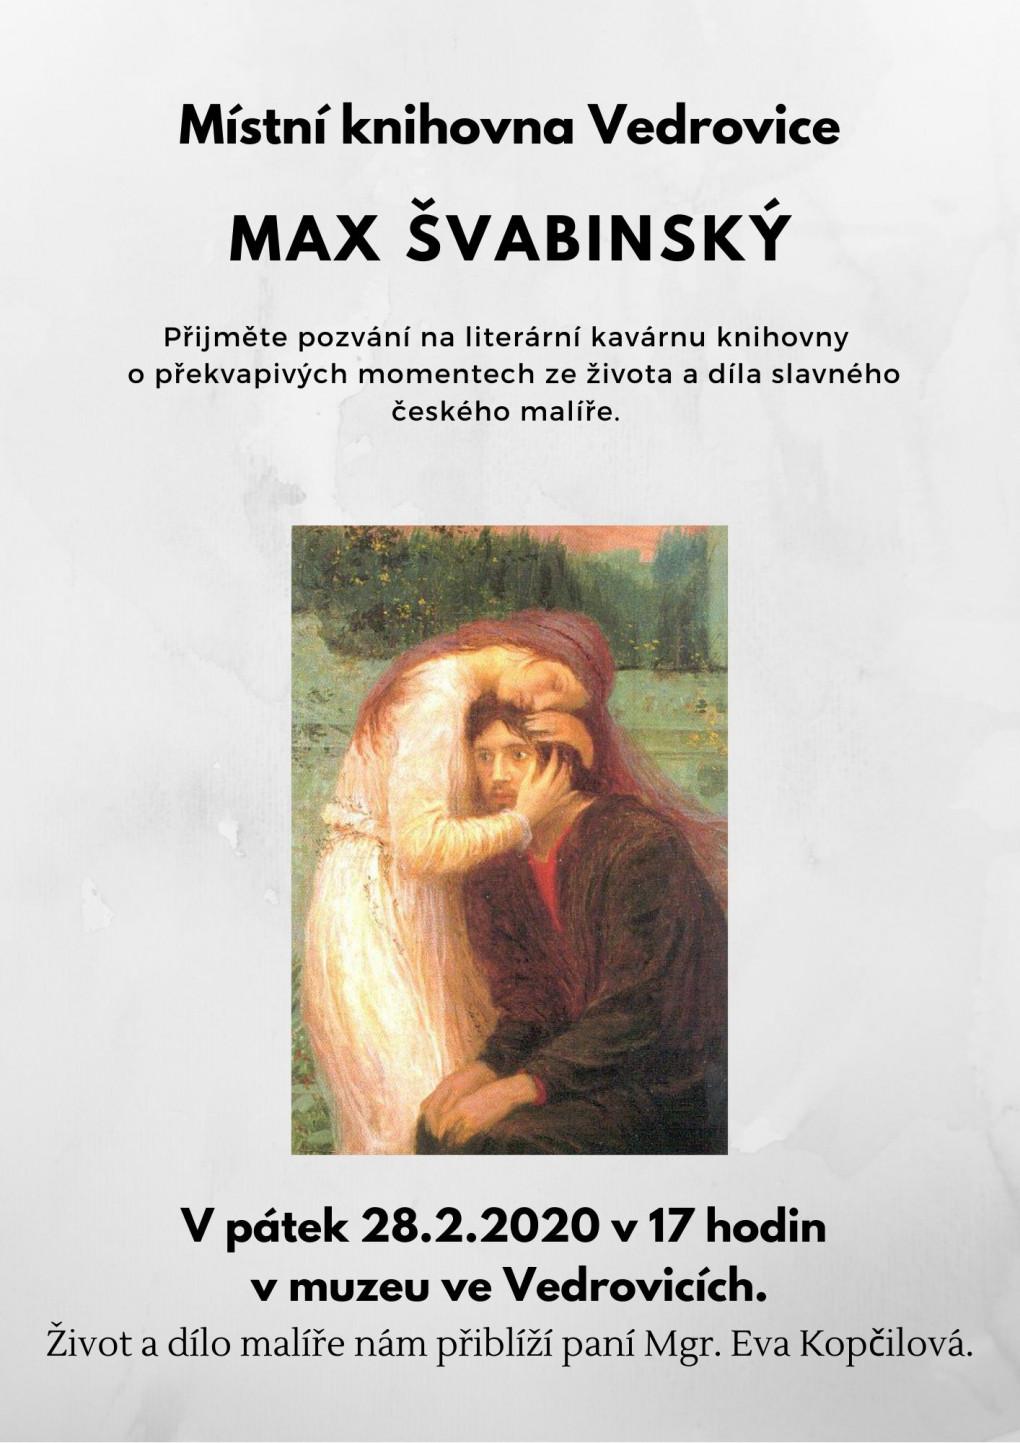 mistni_knihovna_vedrovice_svabinsky.jpg